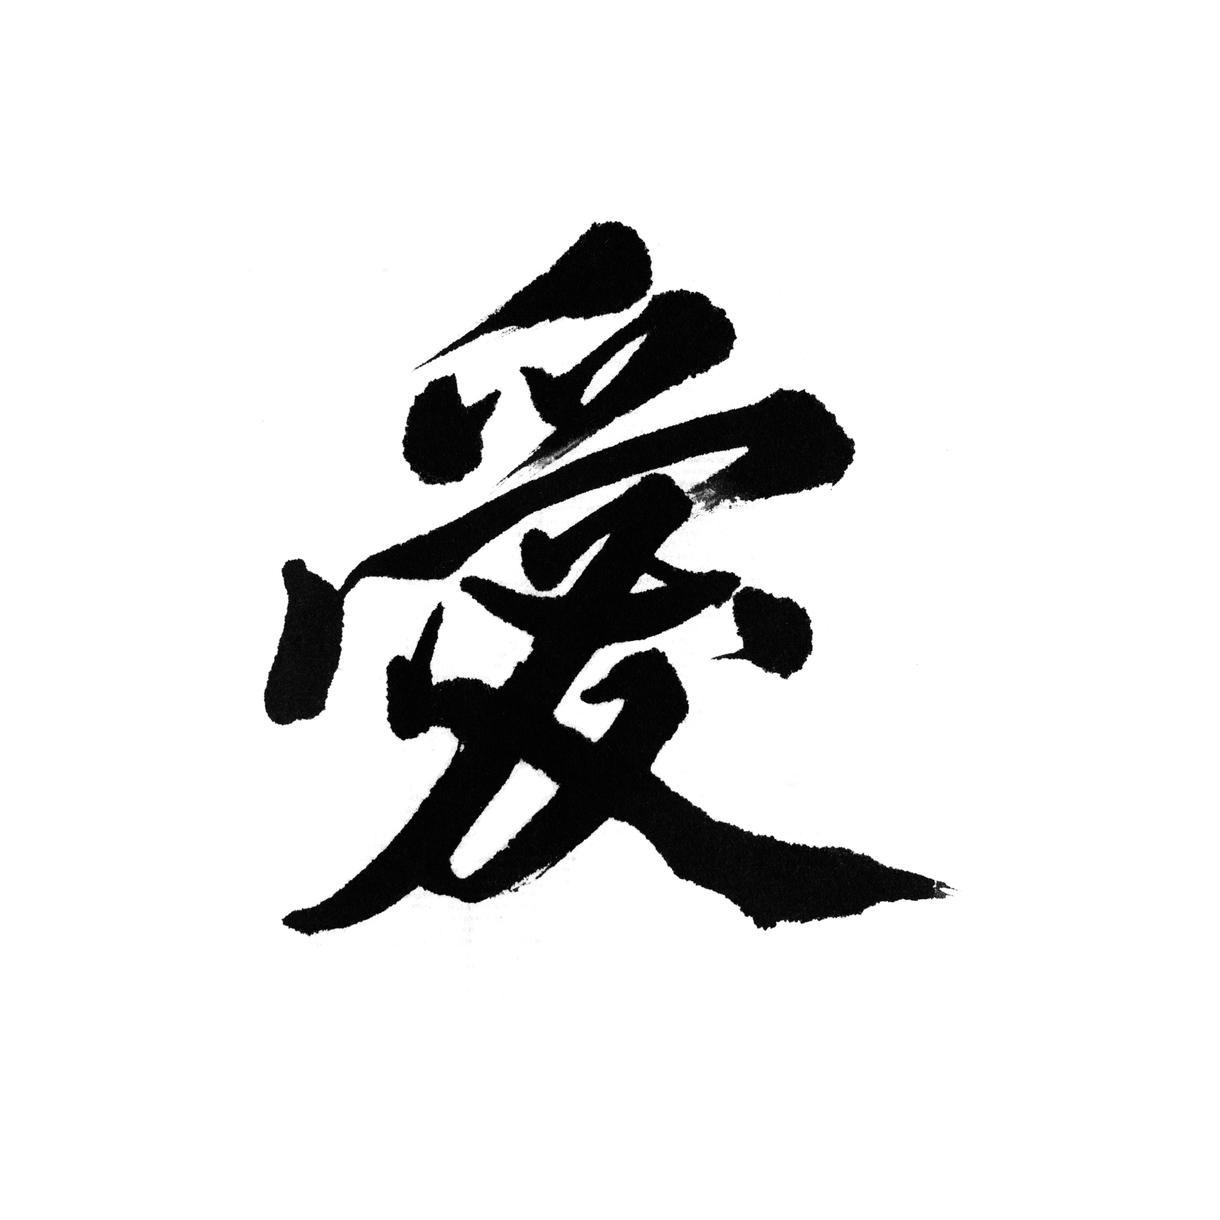 ☆要望に沿った字体で、美しい書道フォントを制作します!〈実筆〉【WEB、印刷物ともに商用利用OK】